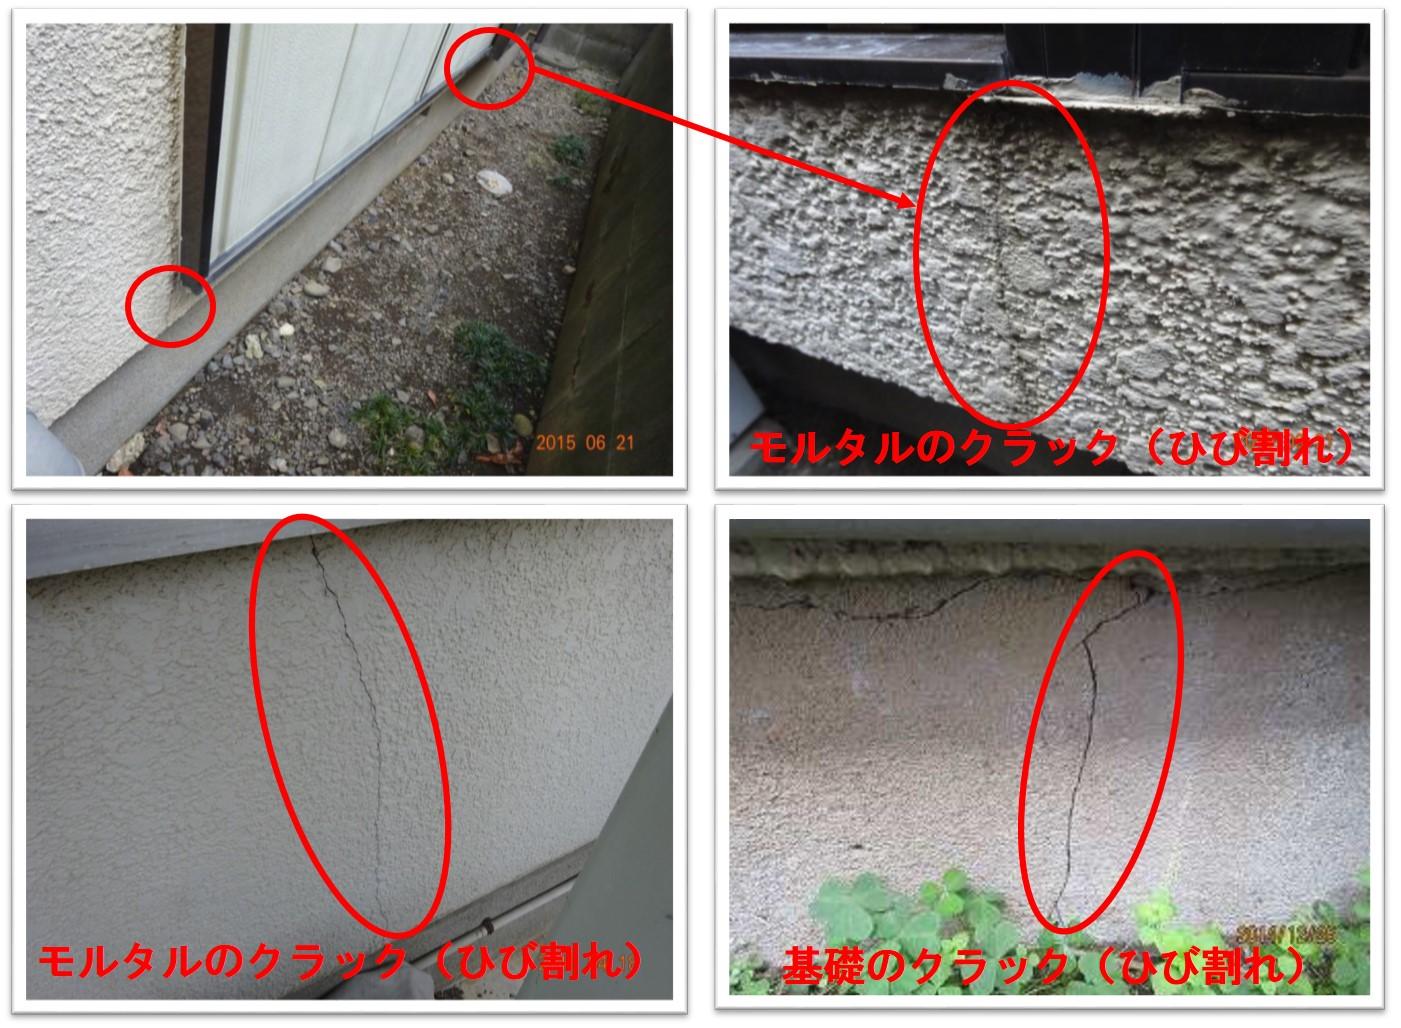 地震保険が適用される外壁と基礎のクラック